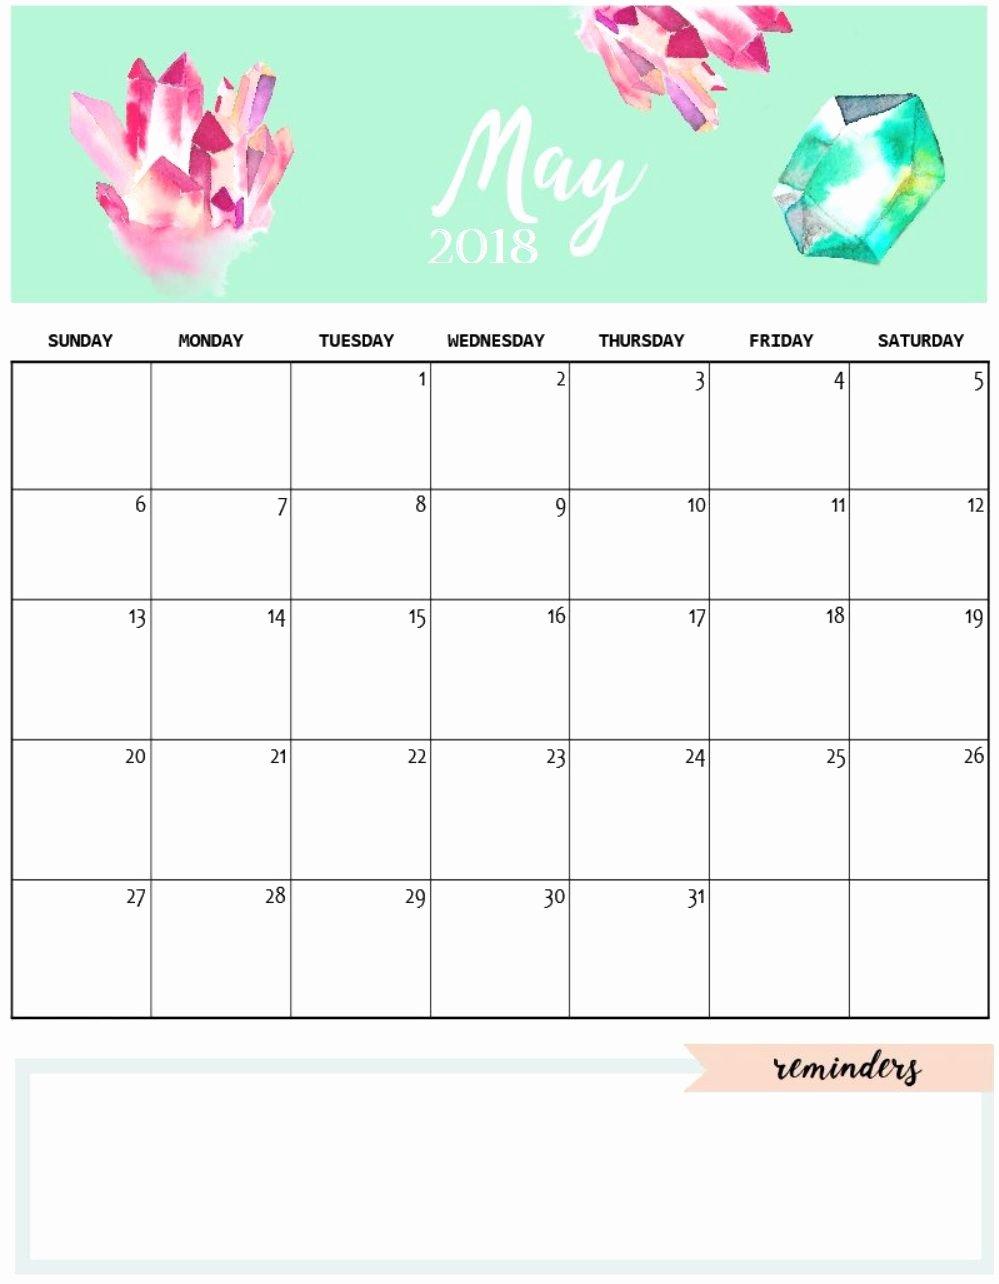 2019 Cute Calendar Printable Best Of Cute May 2018 Calendar Template Calendars